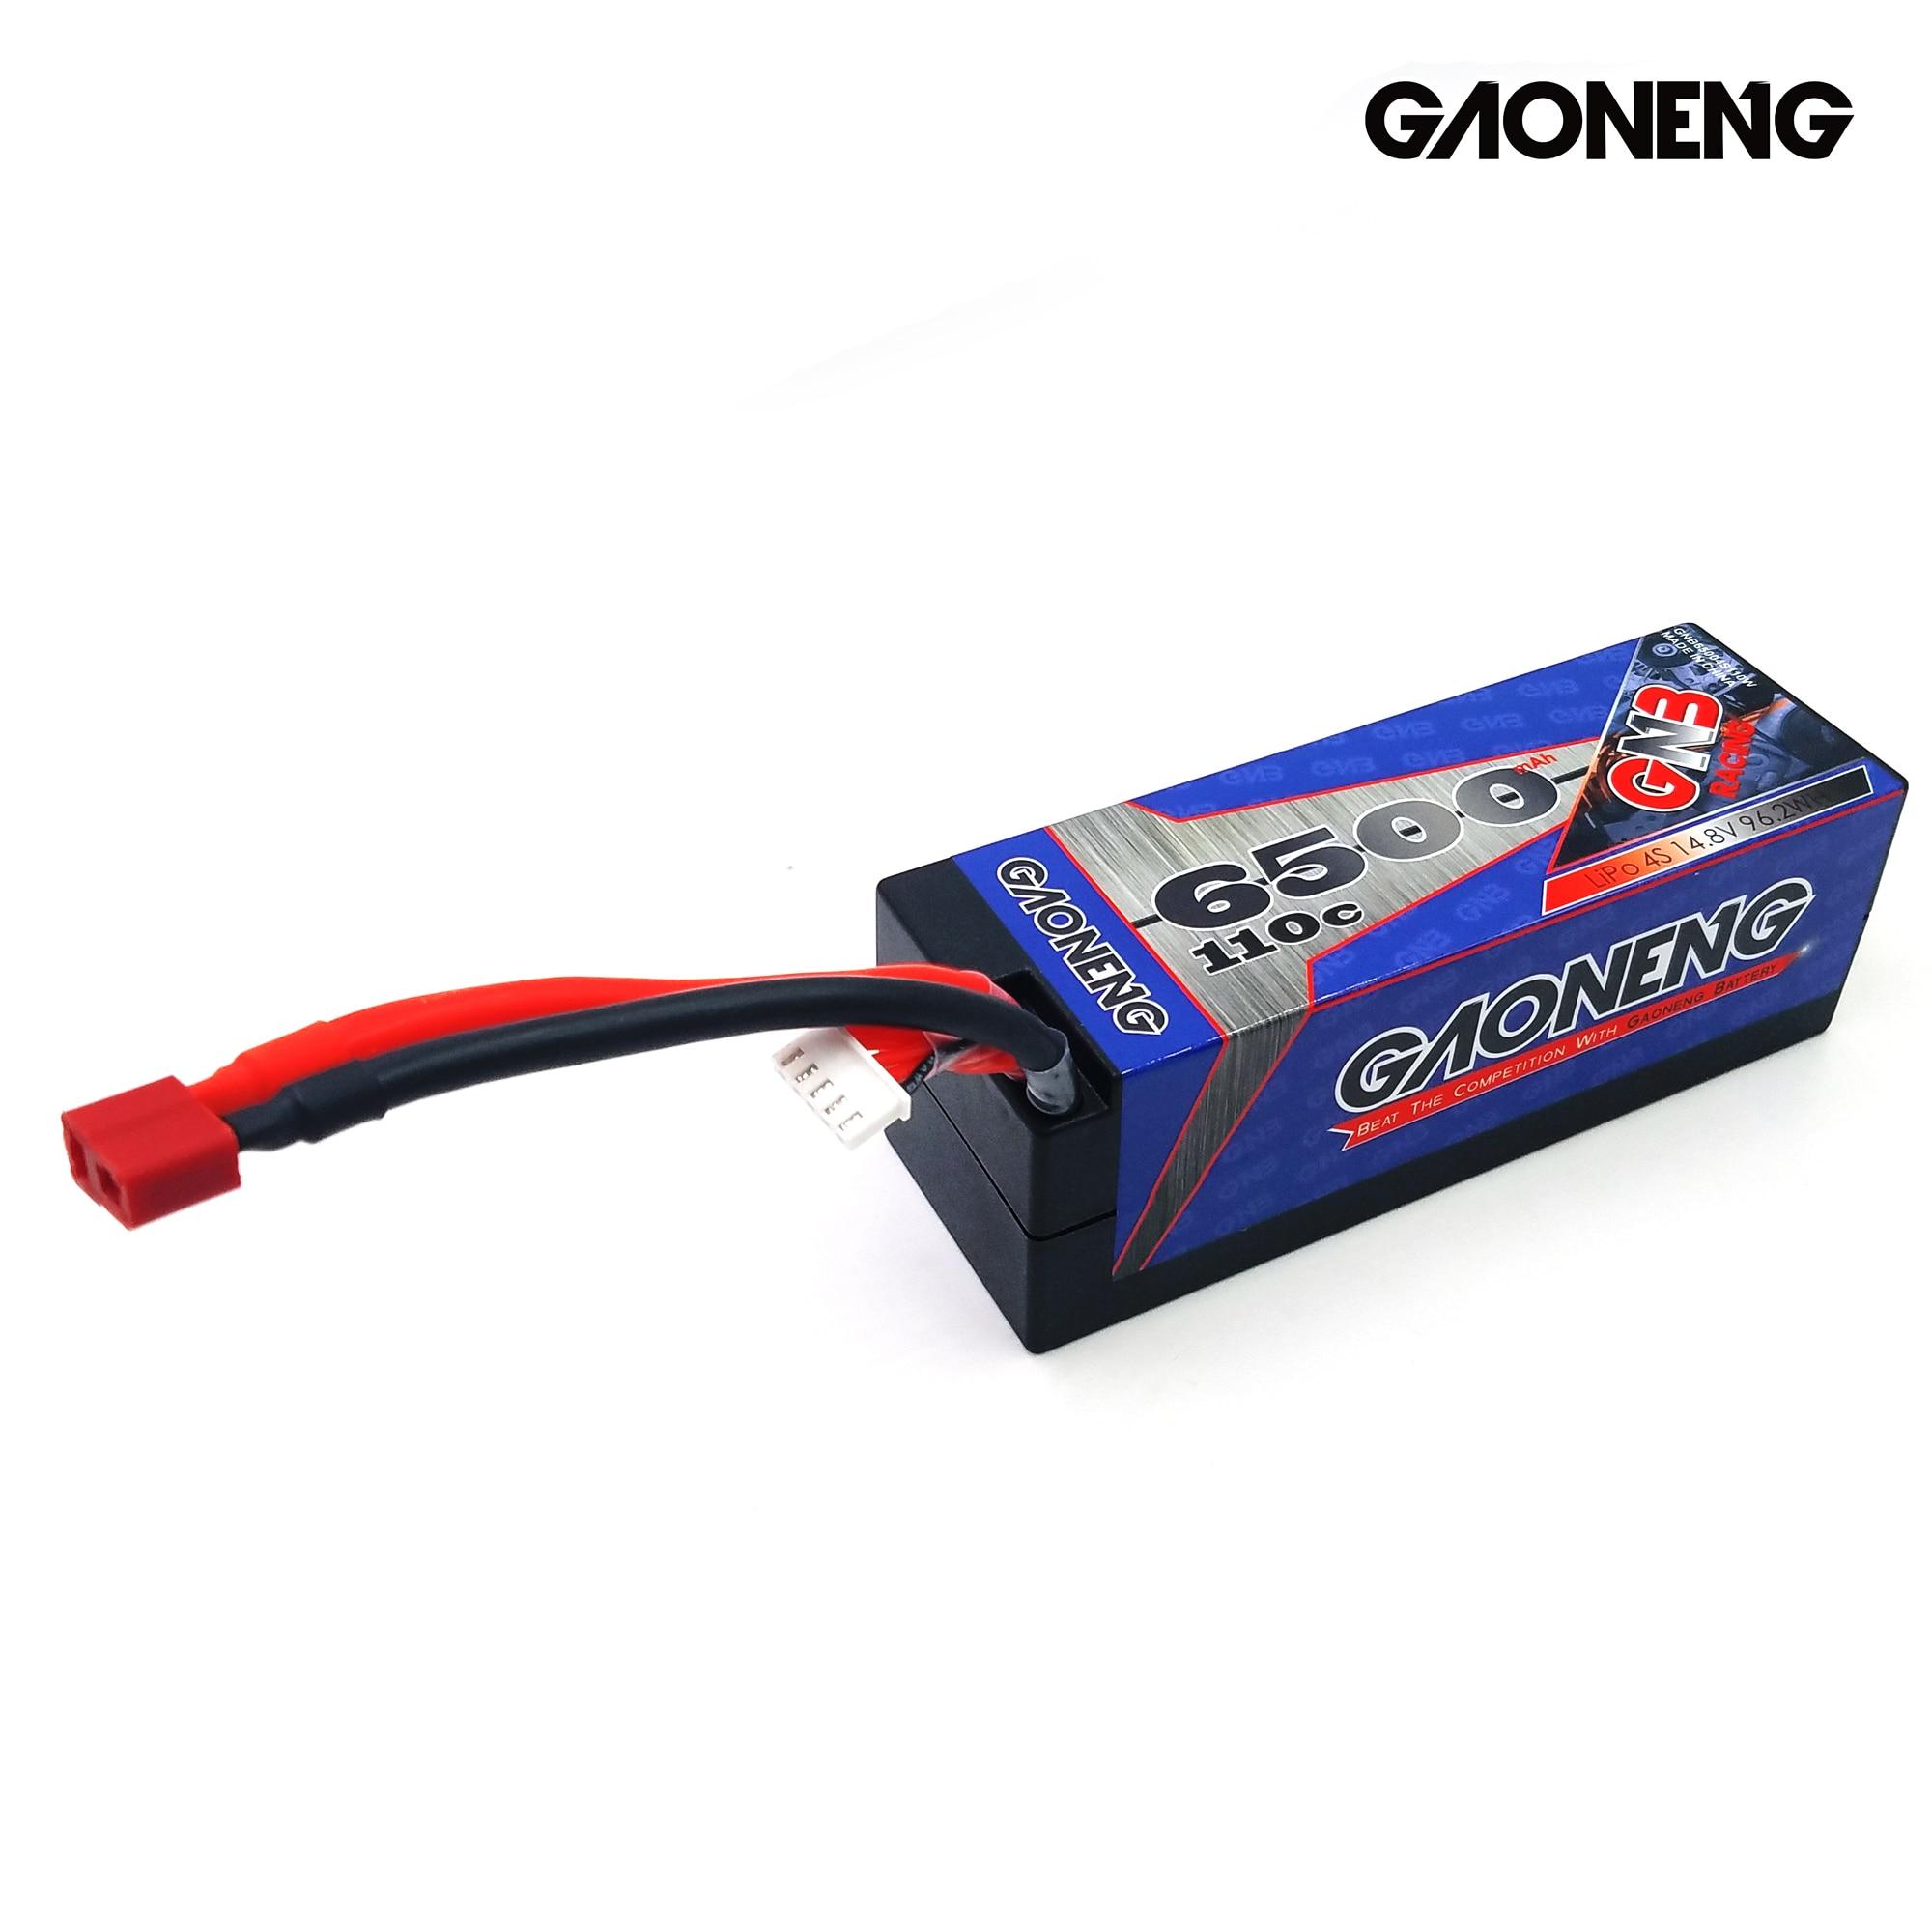 Gaoneng GNB 6500mAh 4S 14,8 V 110C/220C твердый корпус LiPo батарея T Разъем для RC HPI HSP 1/8 1/10 багги RC автомобиль Грузовик Рок Гусеничный - 4